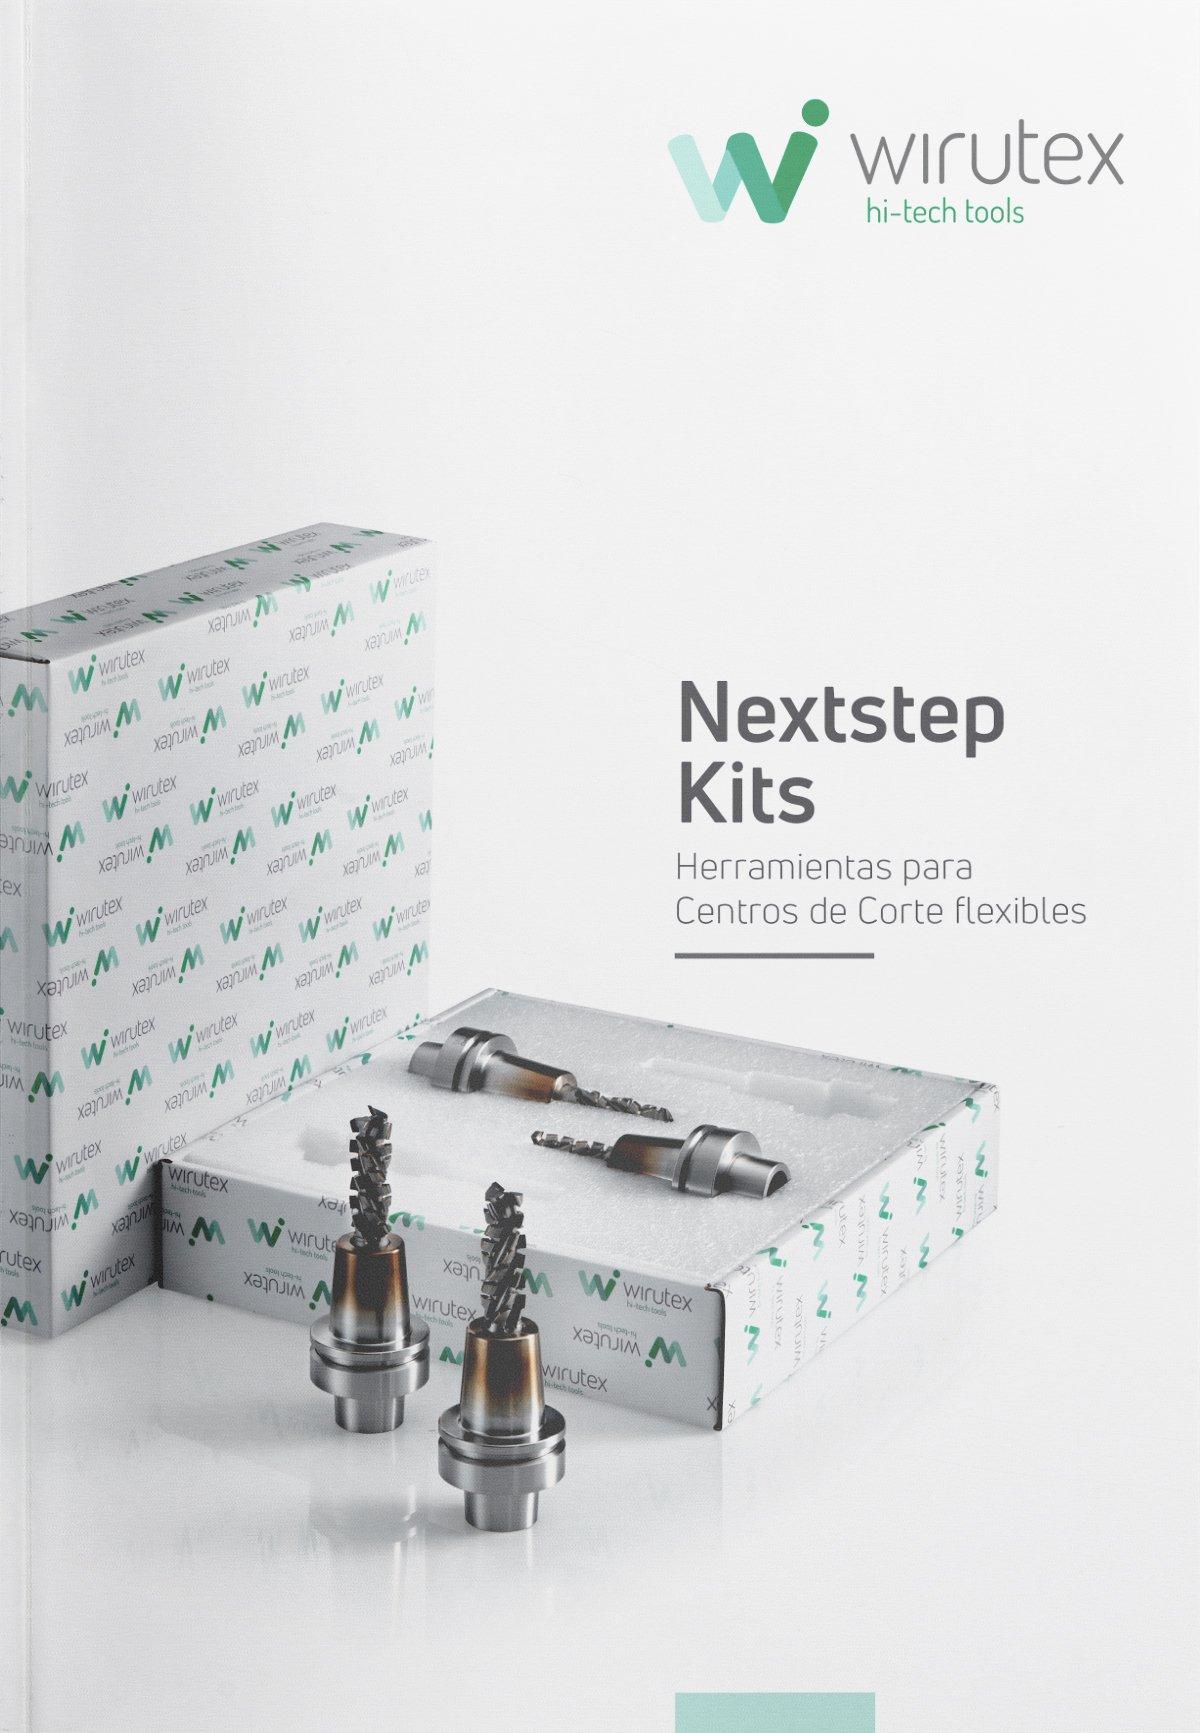 Wirutex_Nextstep-Kits_feb20_SPA